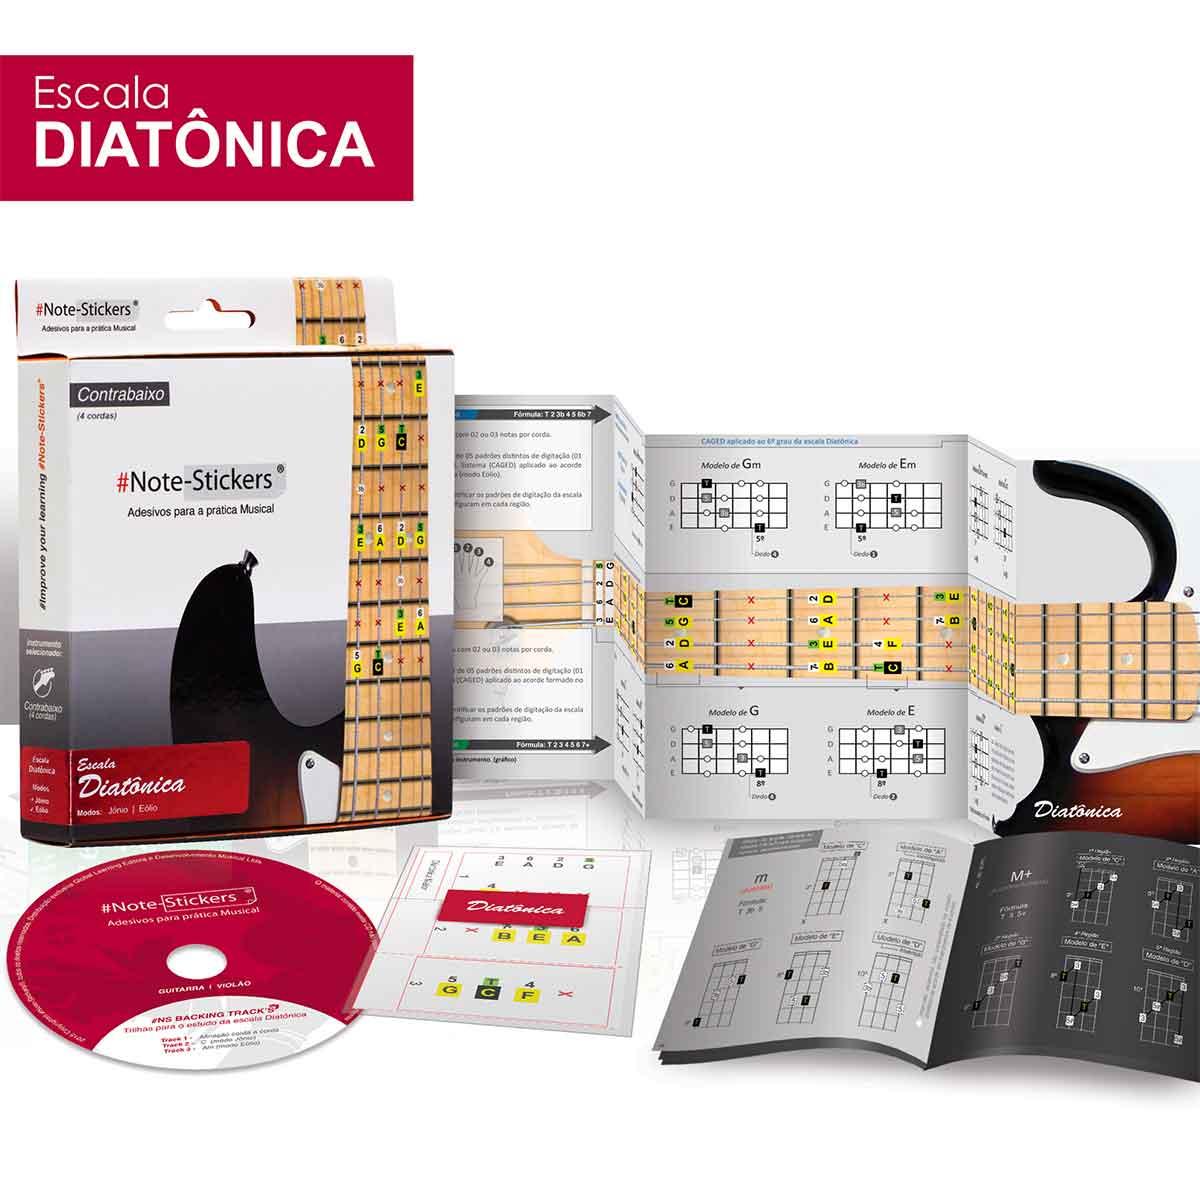 Adesivos Note-stickers Contrabaixo 4 Cordas Escala Diatônica